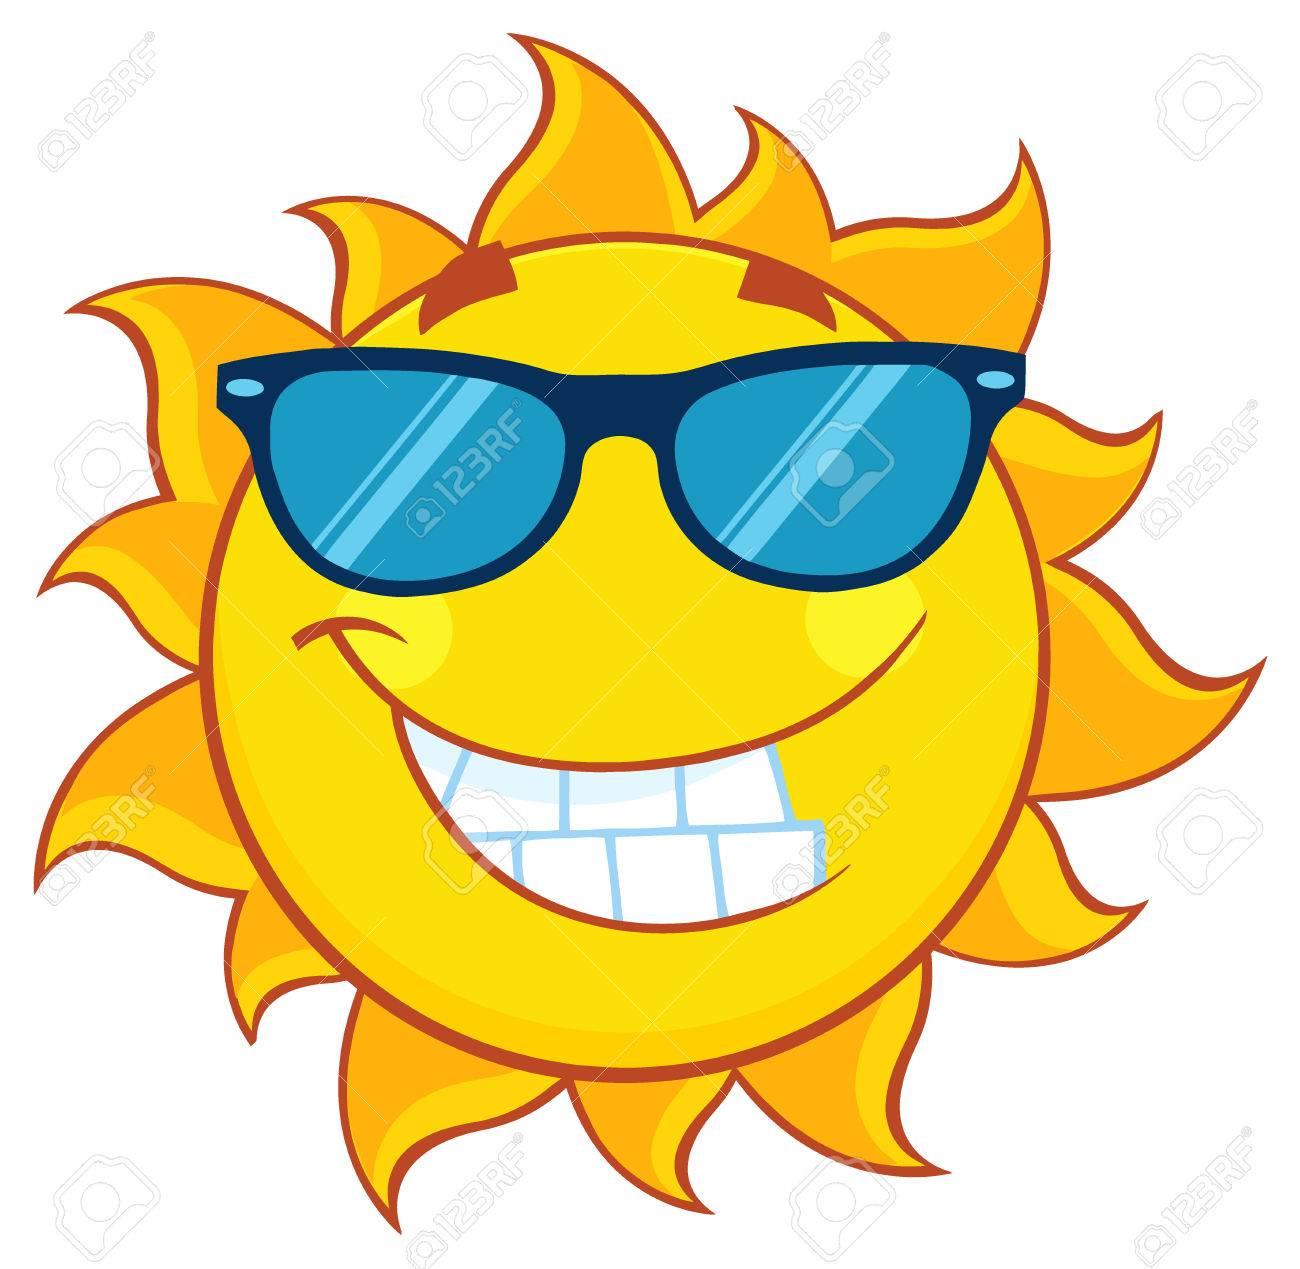 Dessin Lunettes De Soleil caractère de mascotte de dessin animé souriant de soleil avec